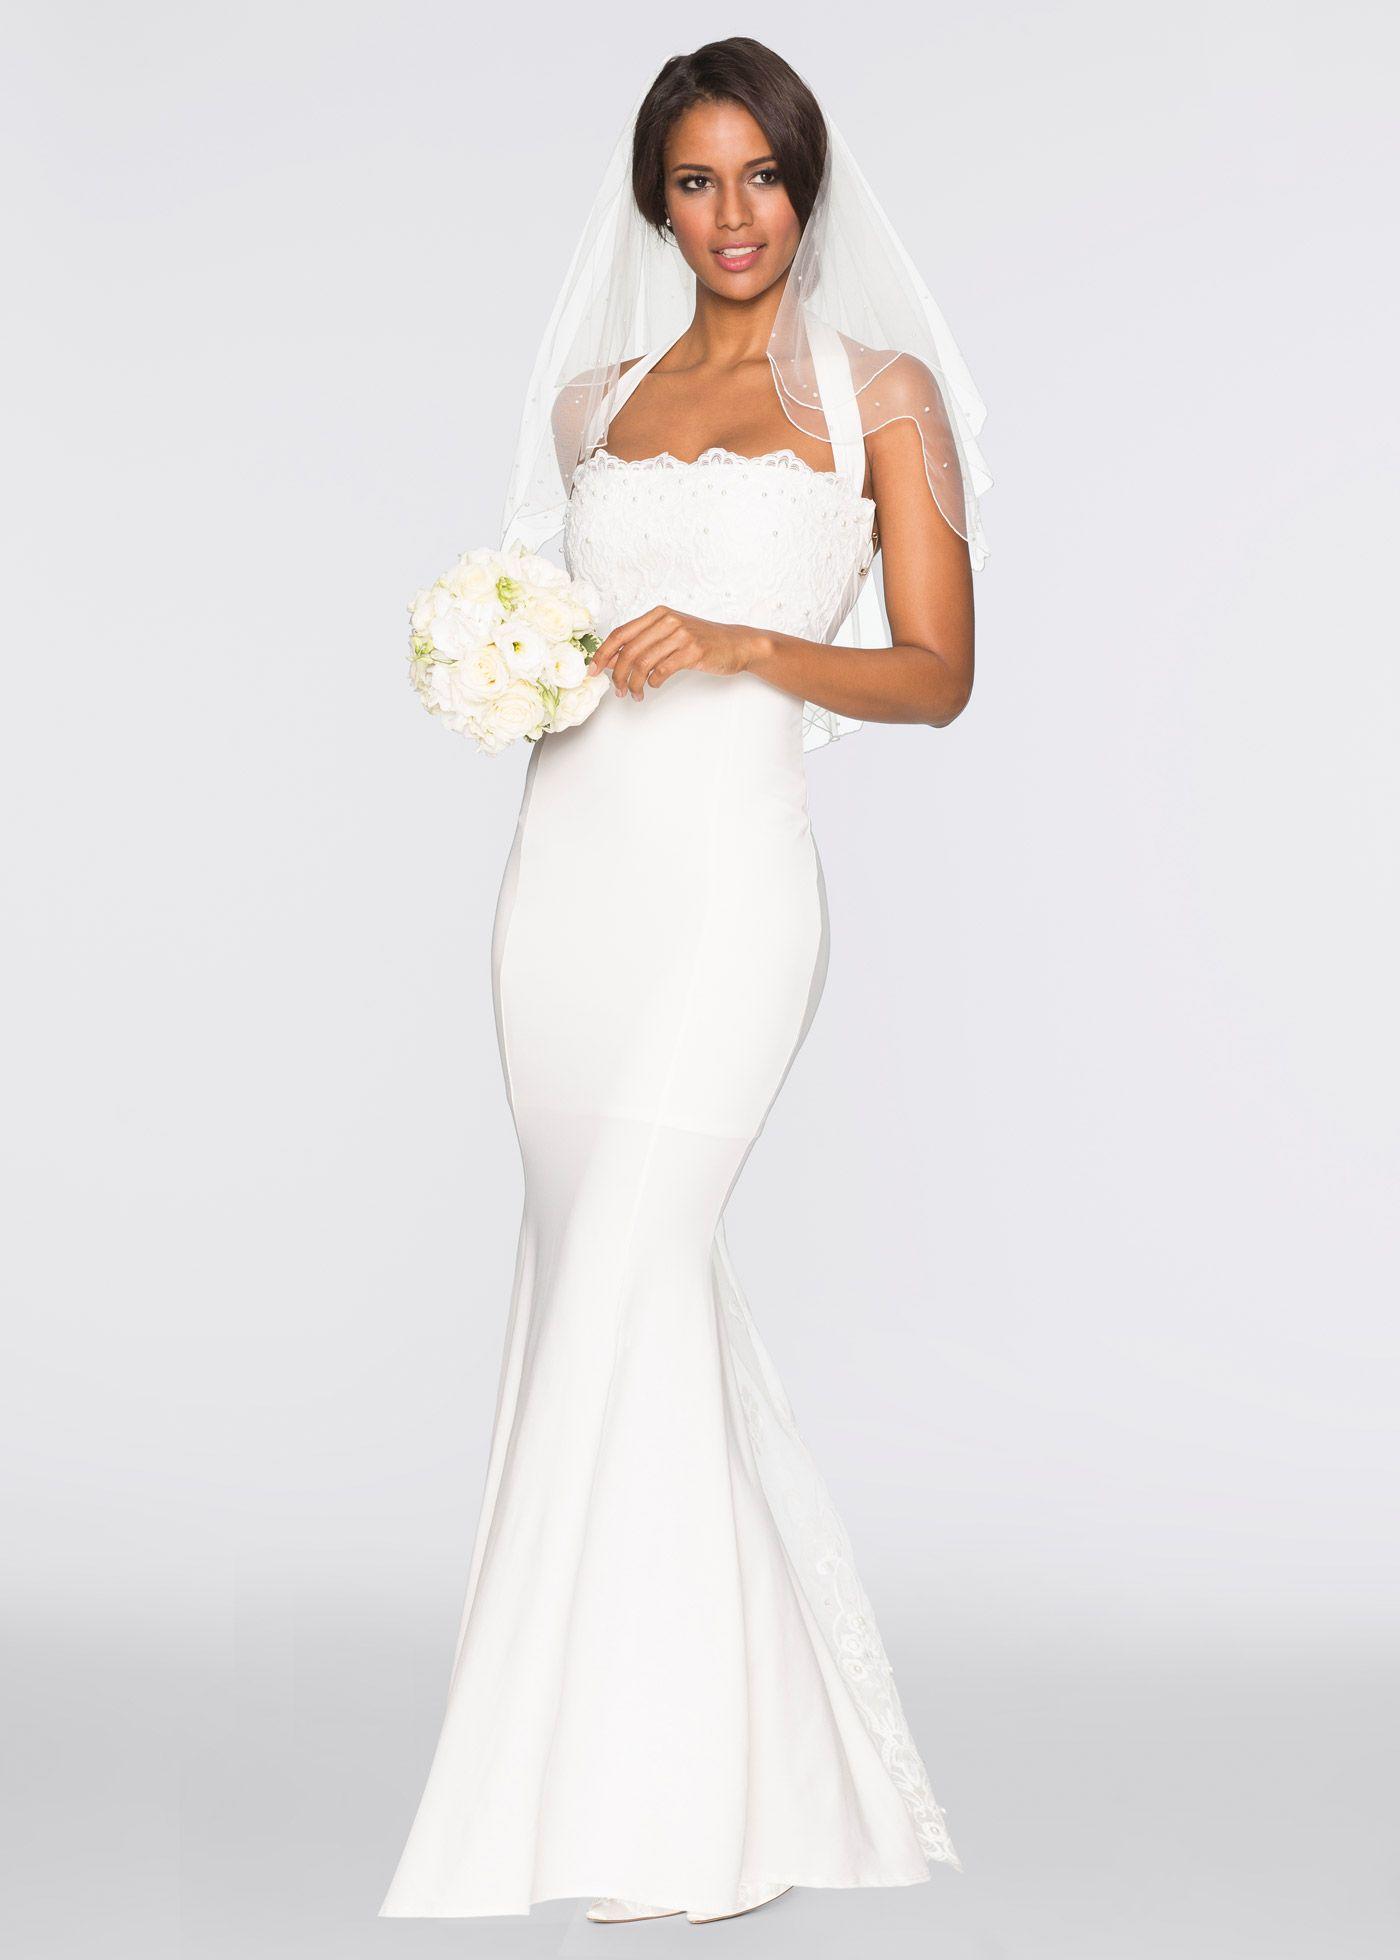 Hochzeitskleid weißn - BODYFLIRT boutique jetzt im Online Shop von